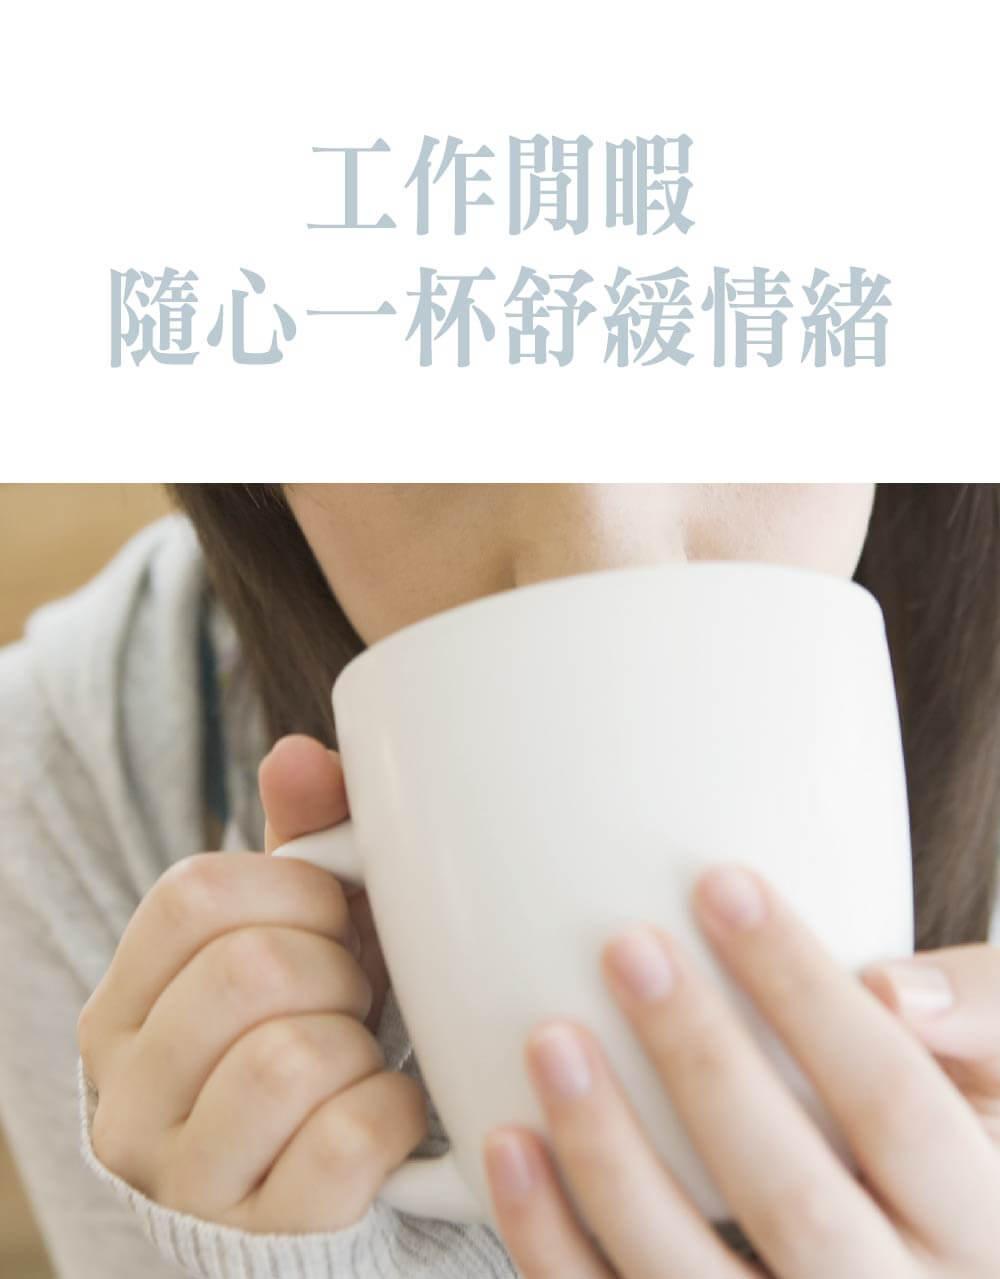 阿里山烏龍茶包-工作閒暇 隨心一杯舒緩情緒